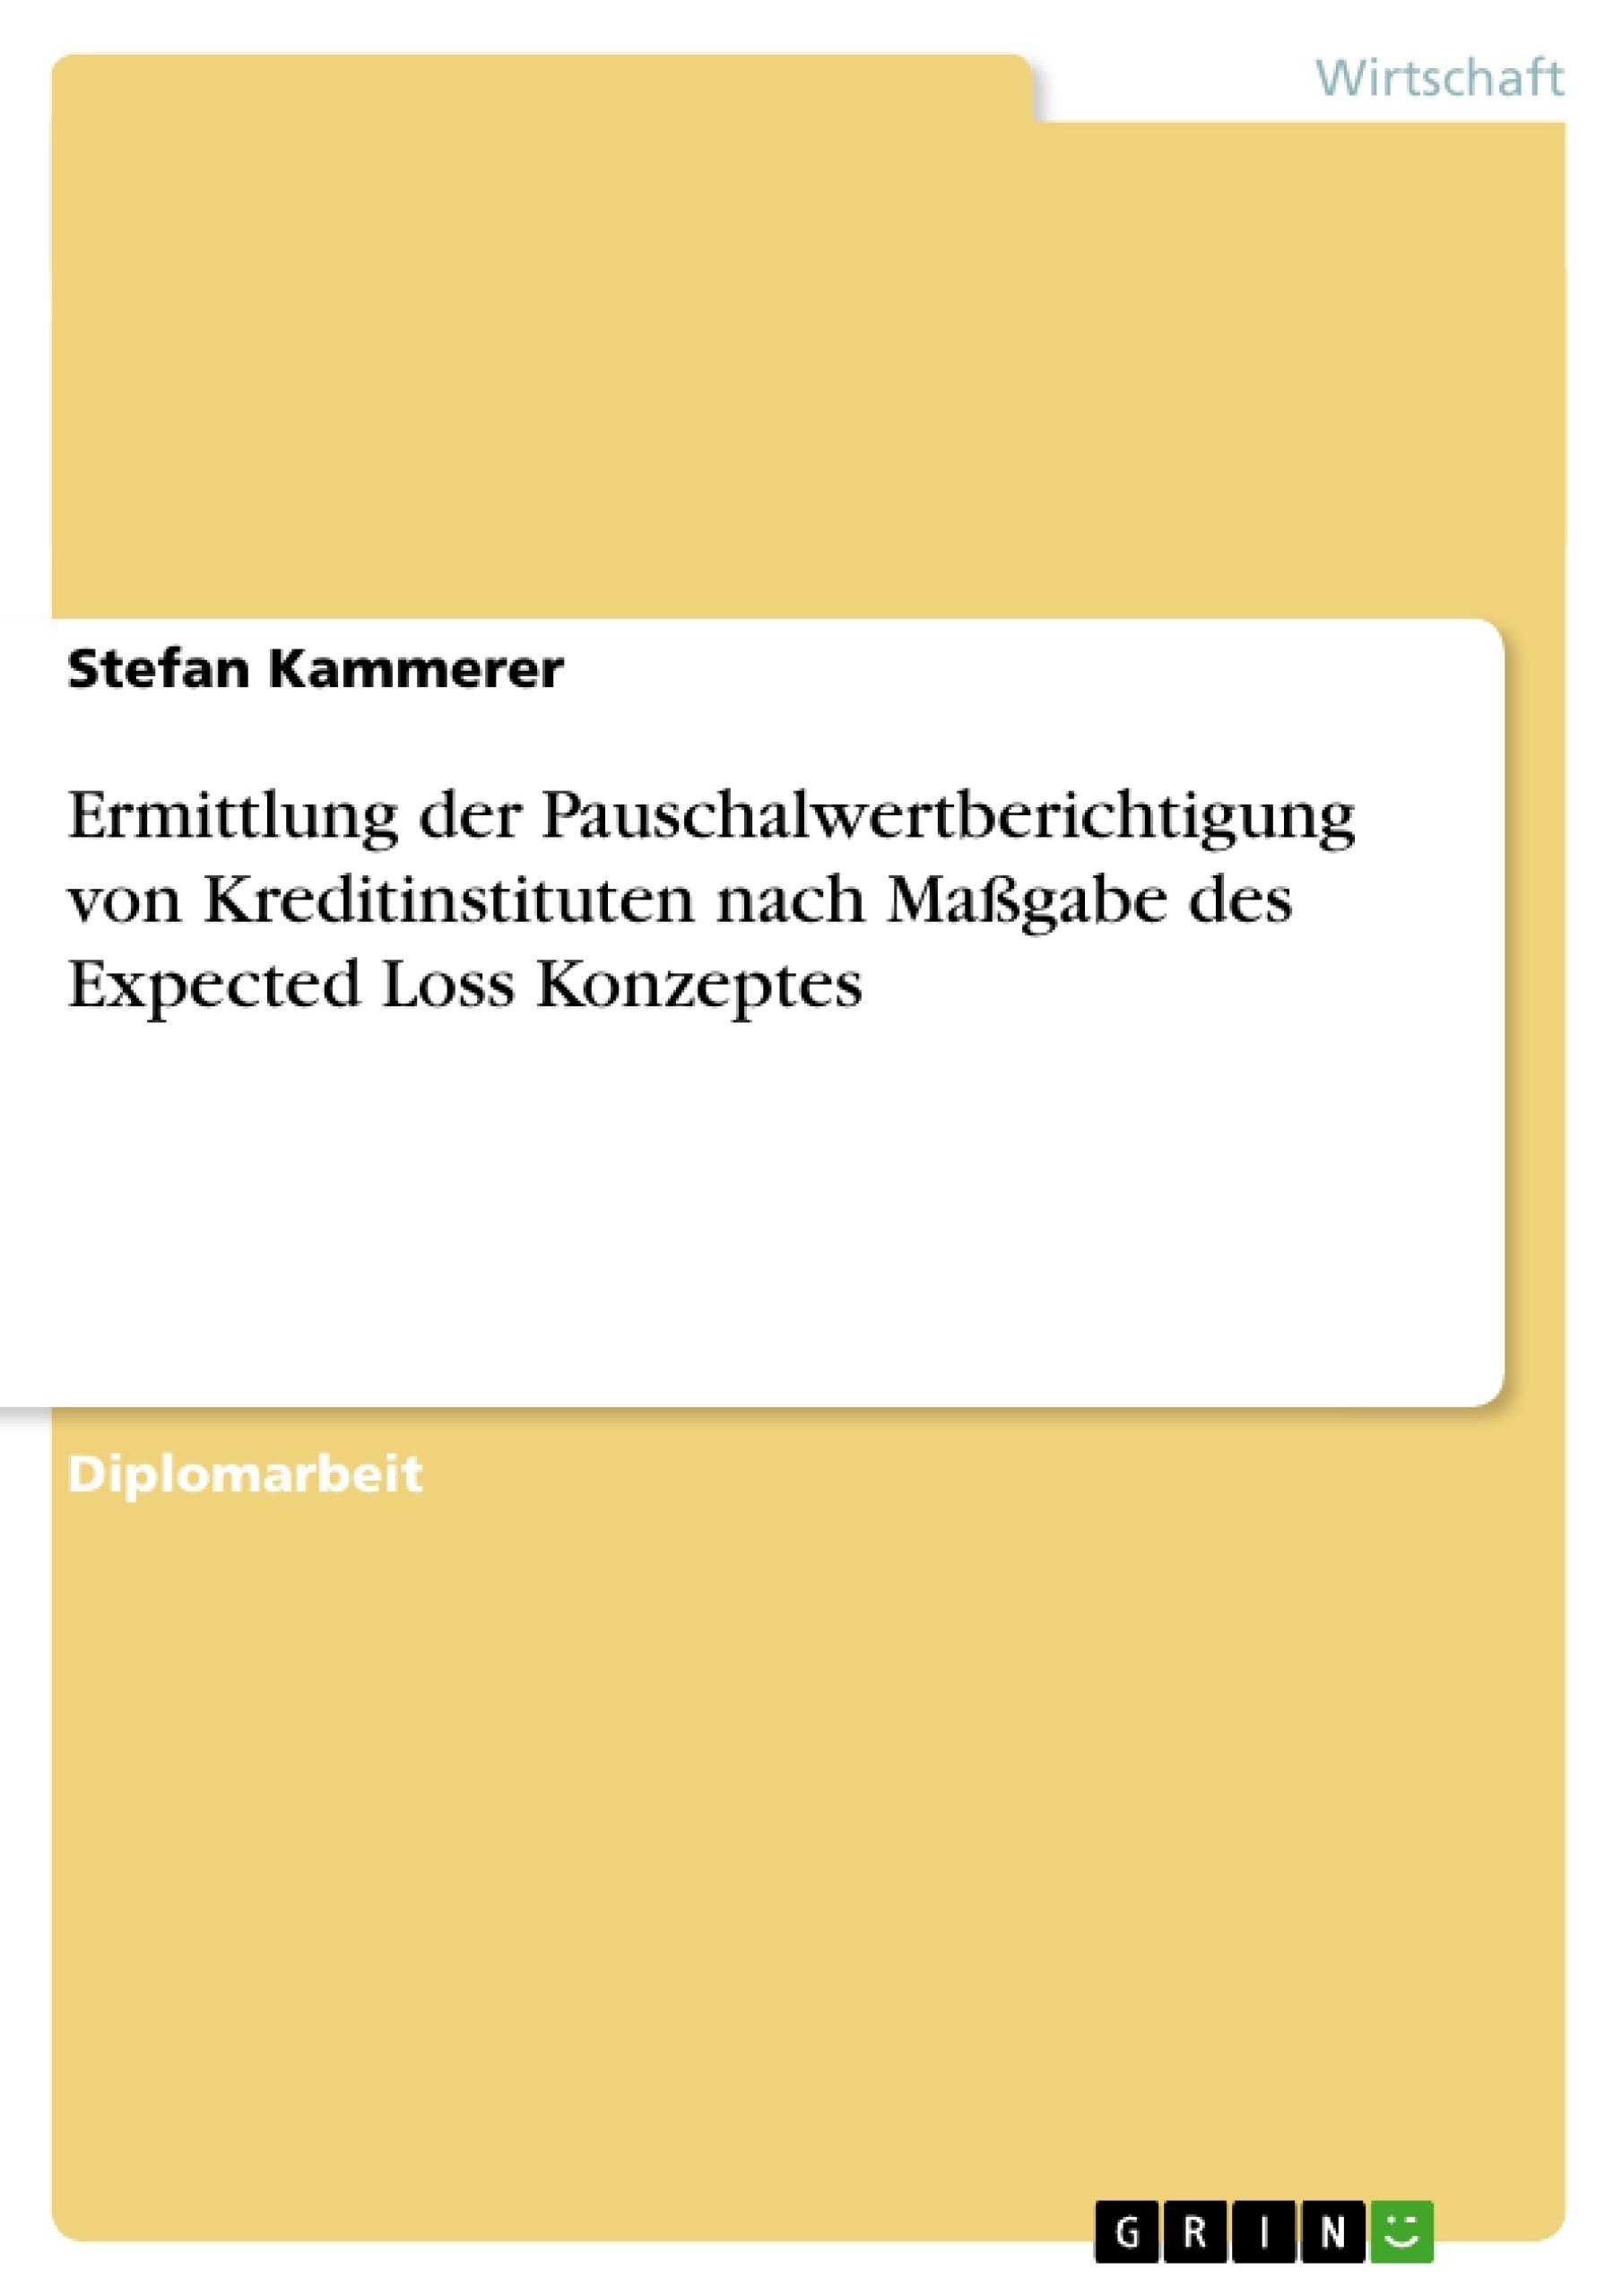 Titel: Ermittlung der Pauschalwertberichtigung von Kreditinstituten nach Maßgabe des Expected Loss Konzeptes